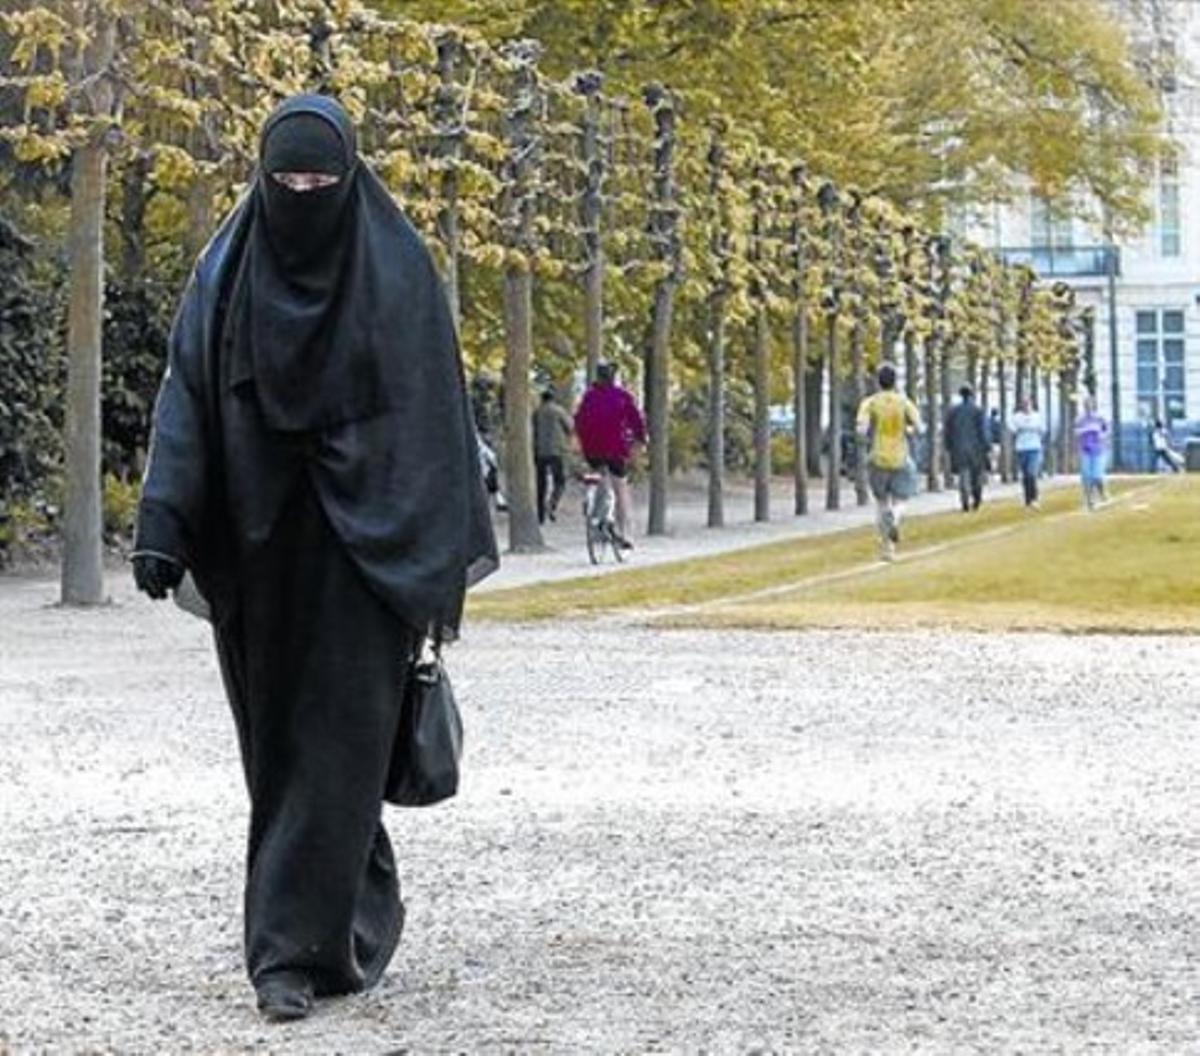 Una mujer francesa de 22 años conversa al islam y residente en Bruselas pasea con burka.